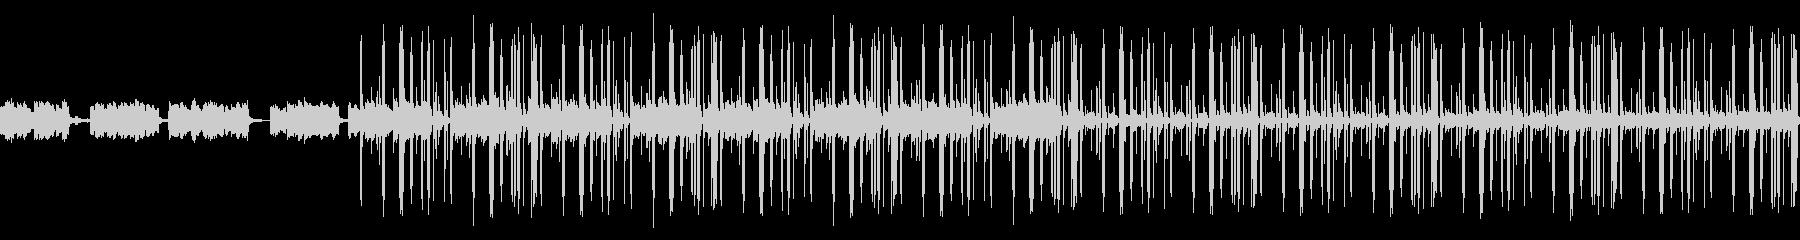 ダーク 洋楽 Trap ループの未再生の波形